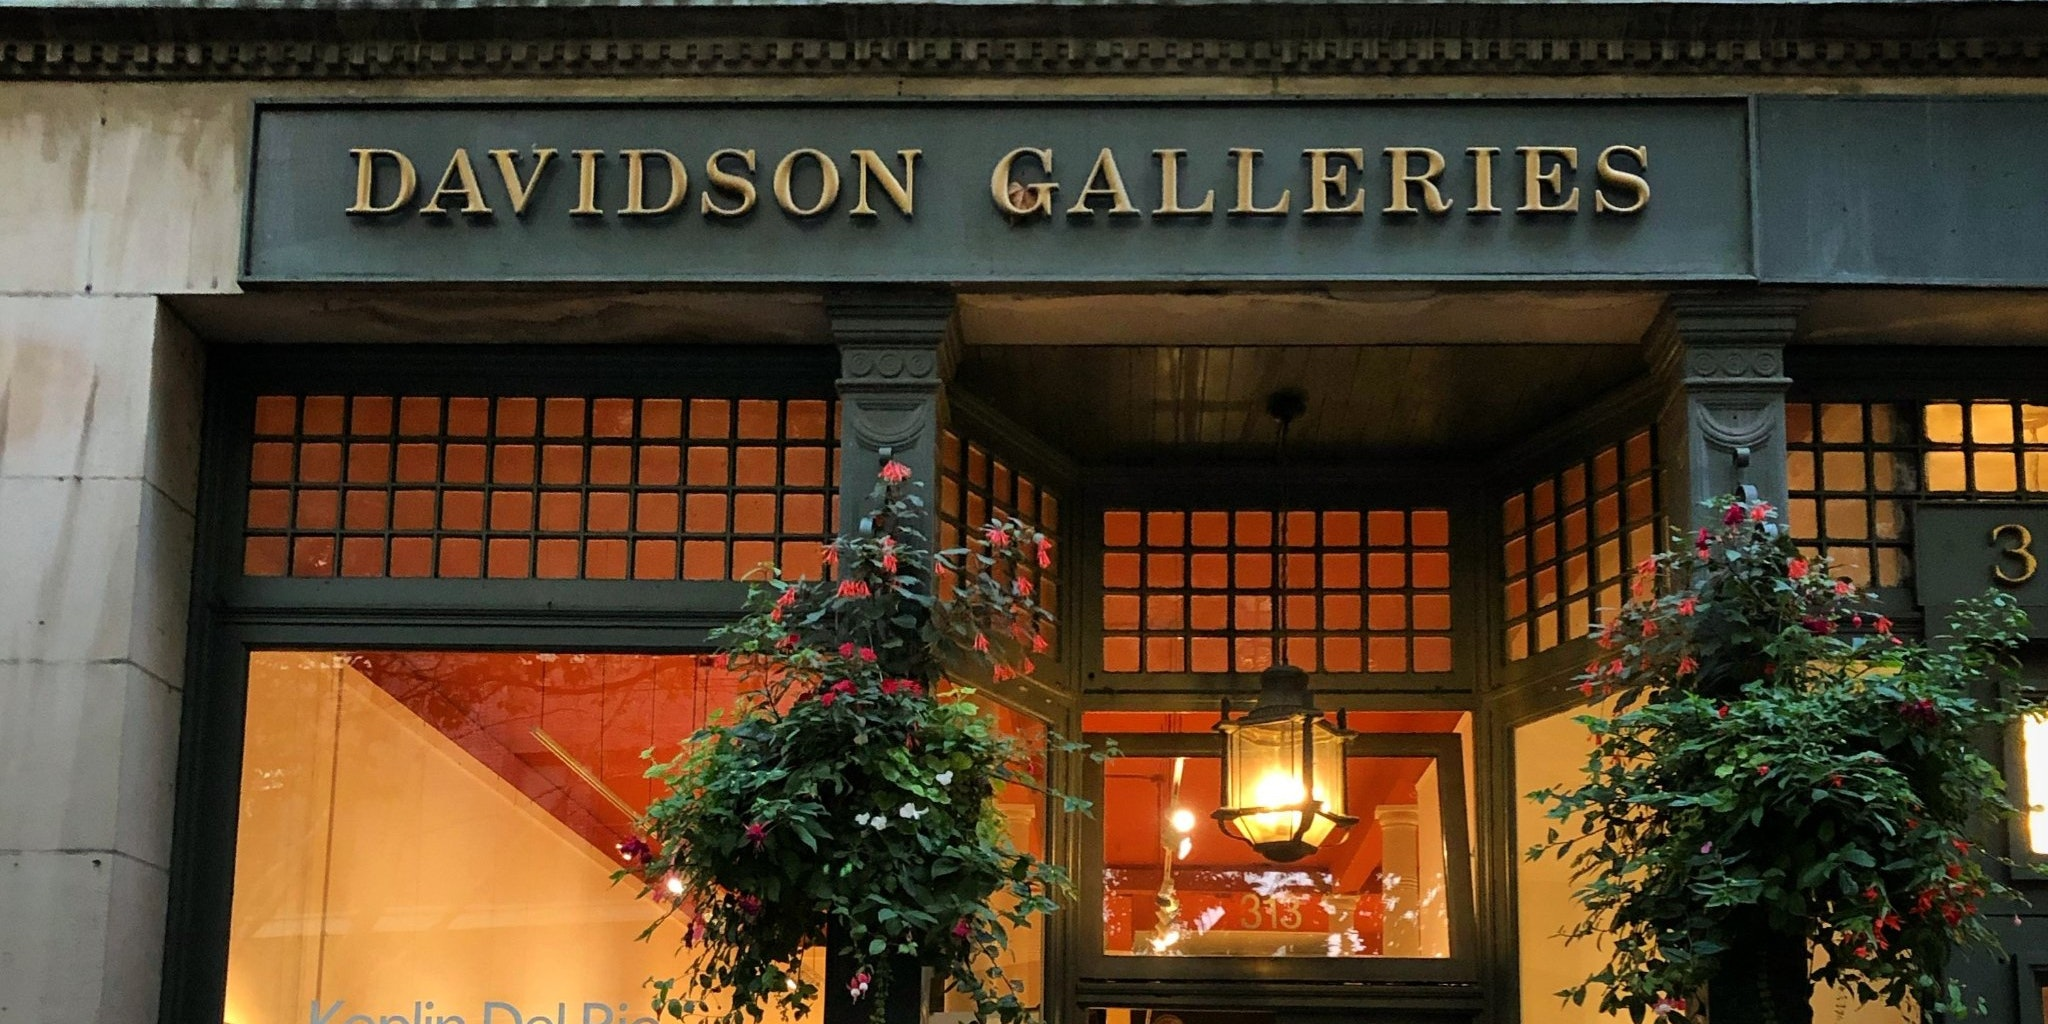 Davidson Galleries